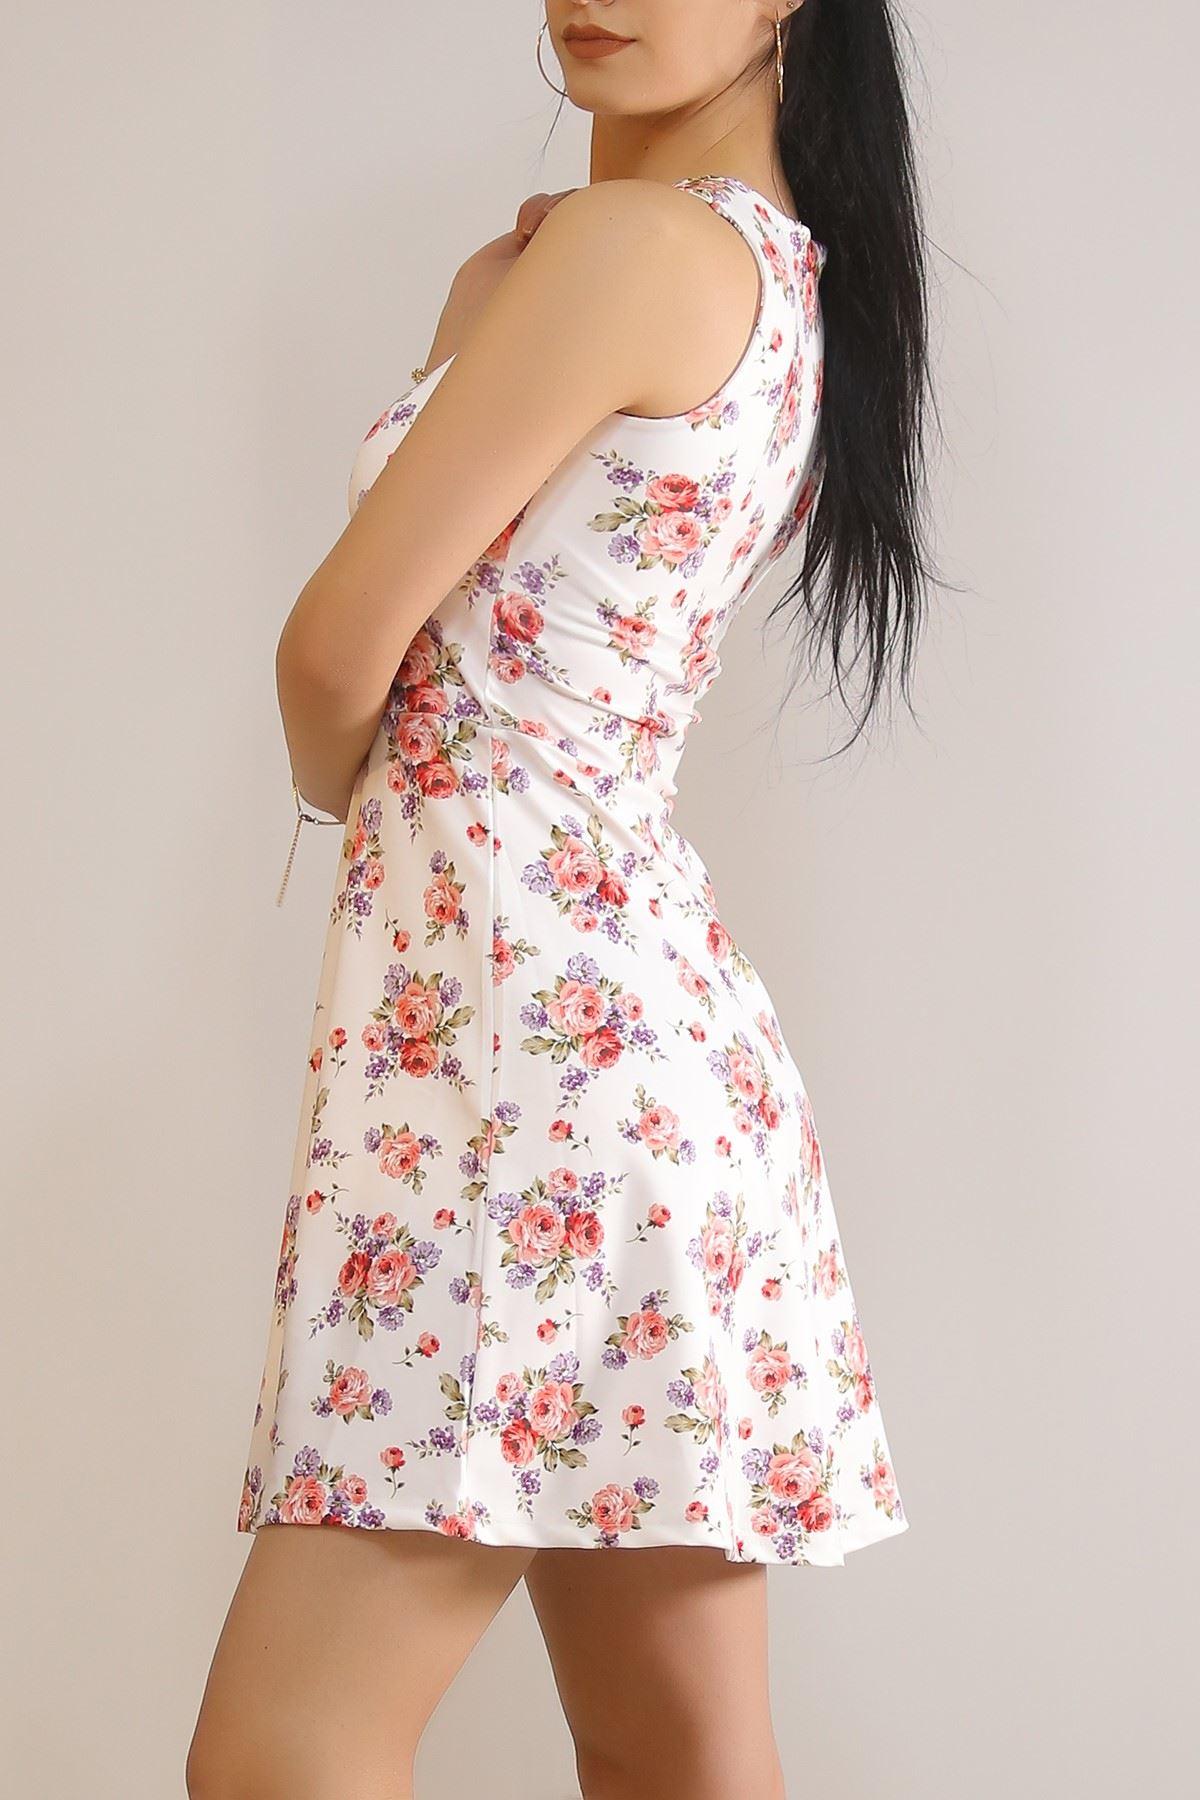 V Yaka Kiloş Elbise Beyazçiçekli - 5811.1357.